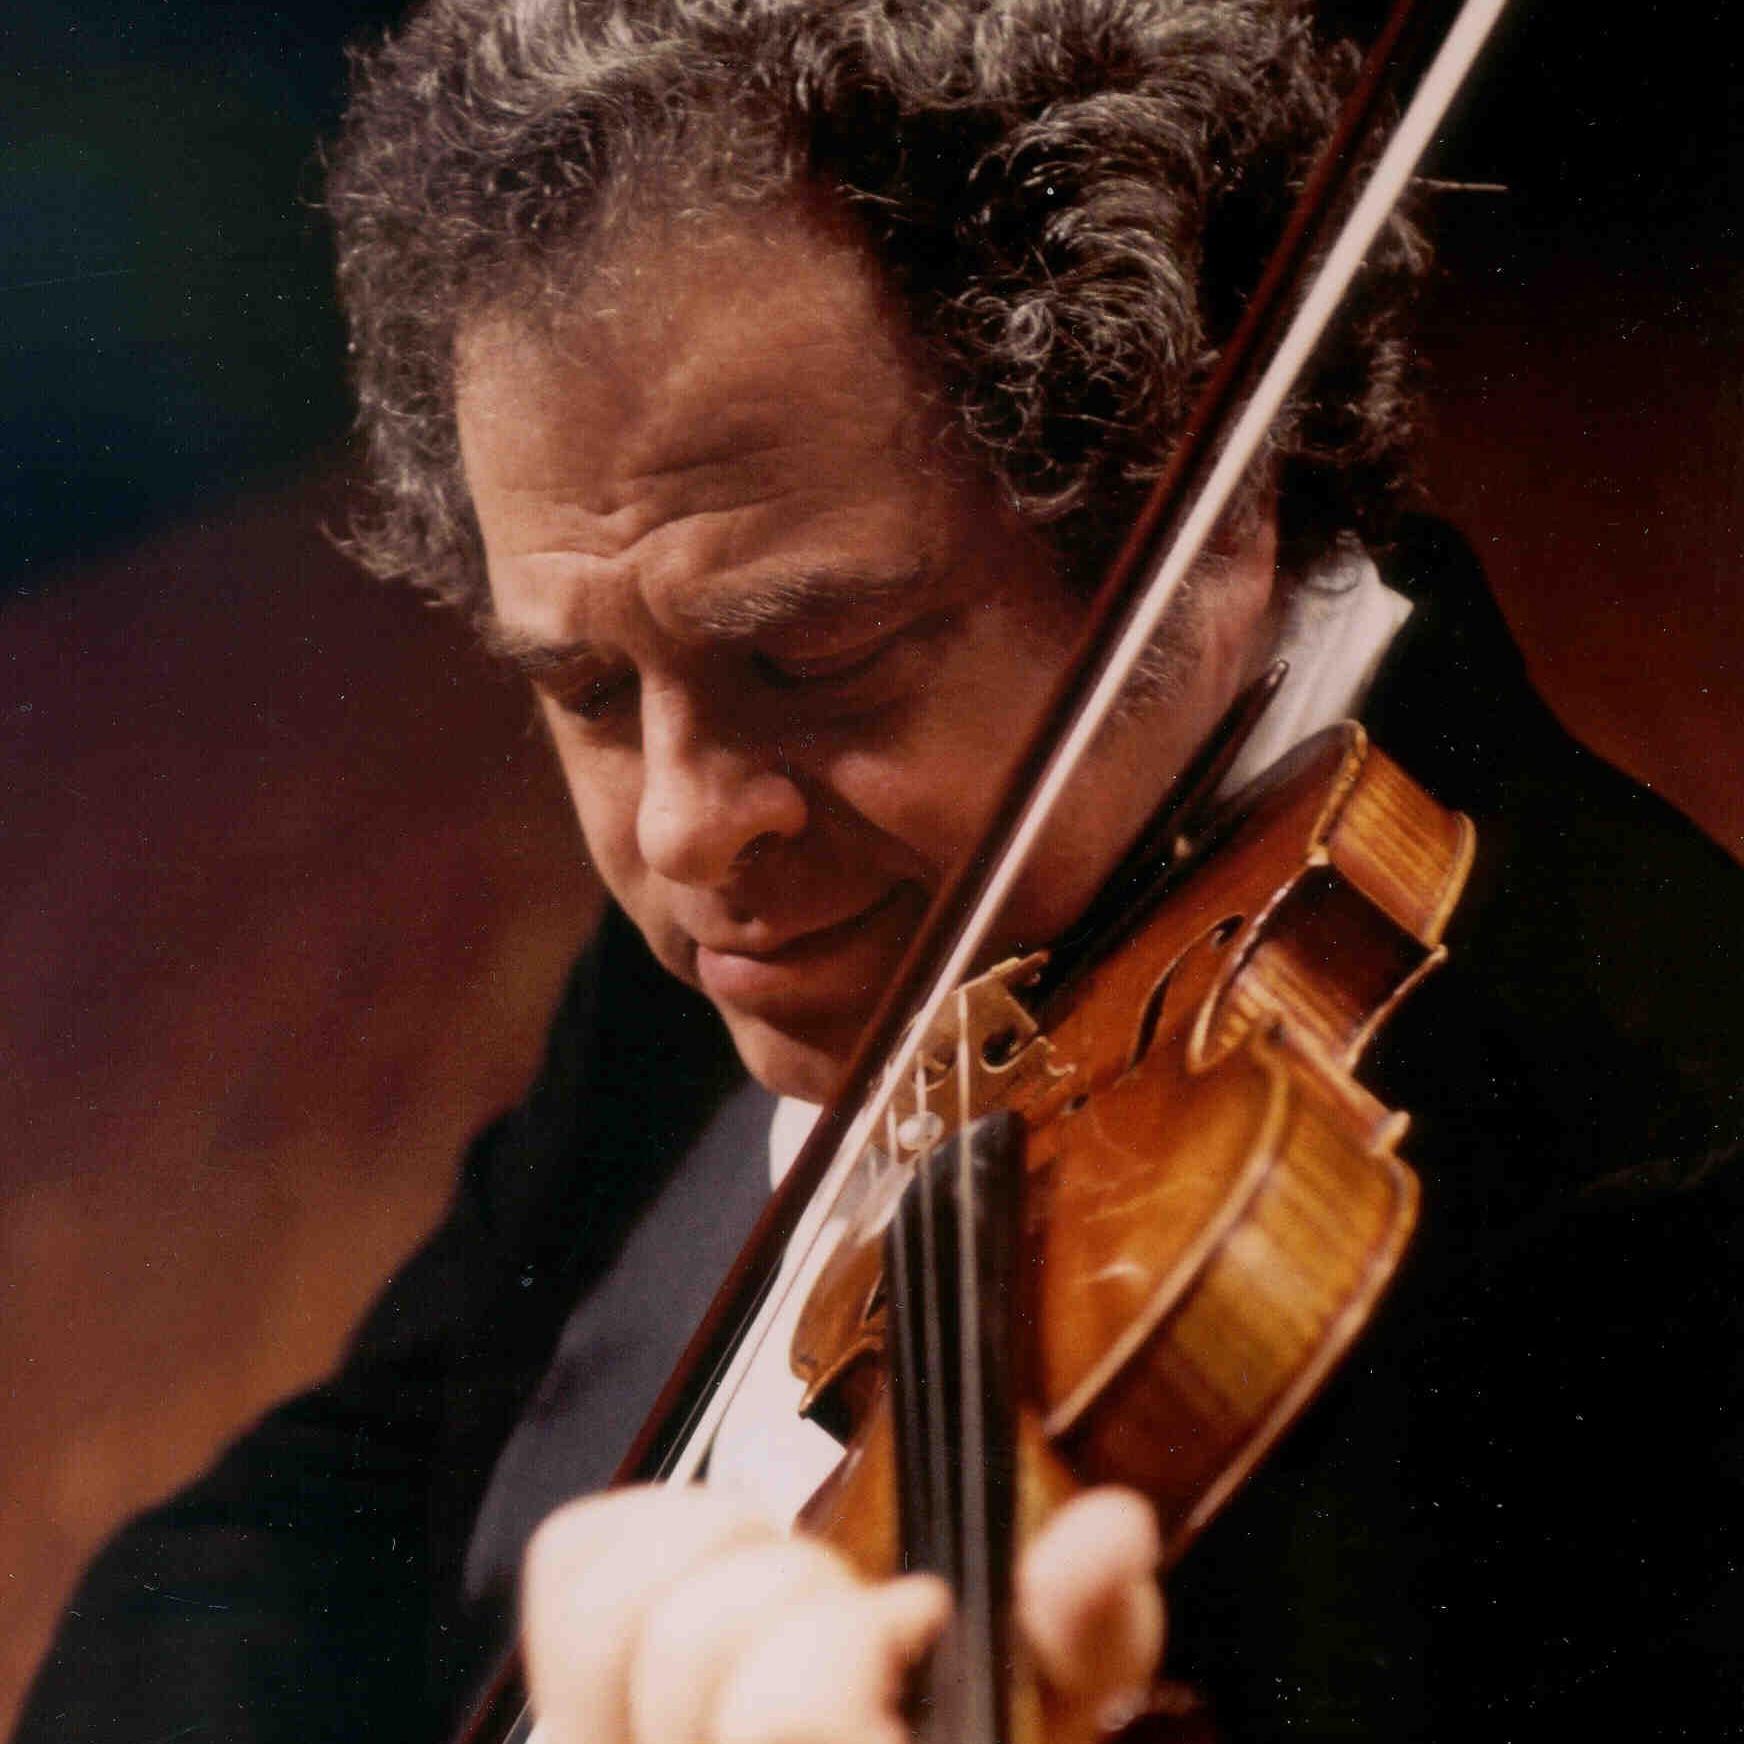 Un violoniste en or !